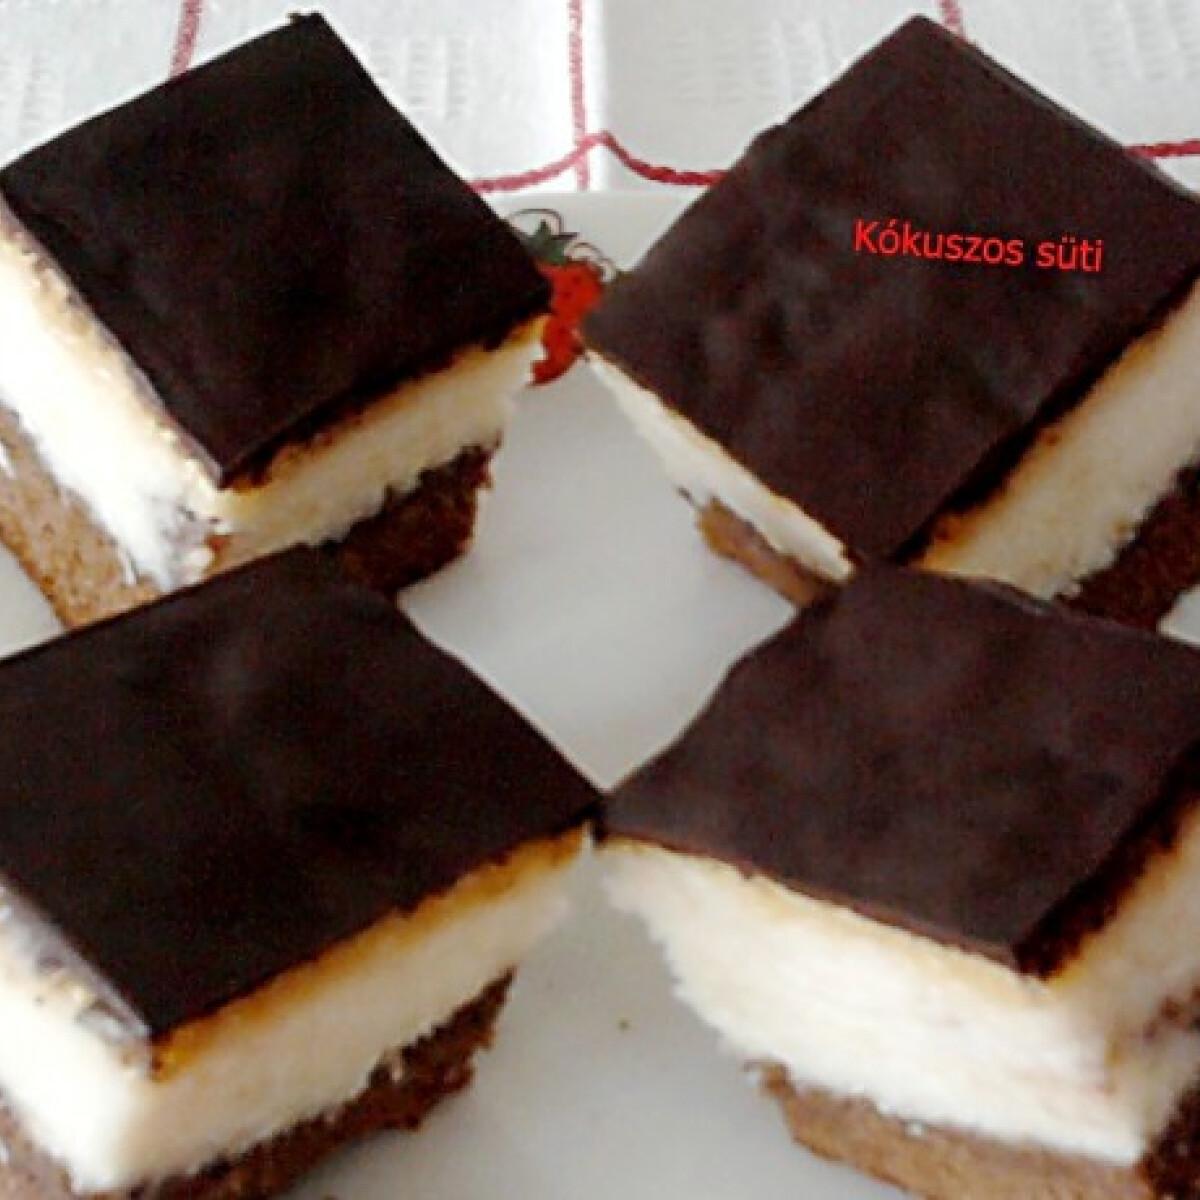 Kókuszos süti Erzsi konyhájából